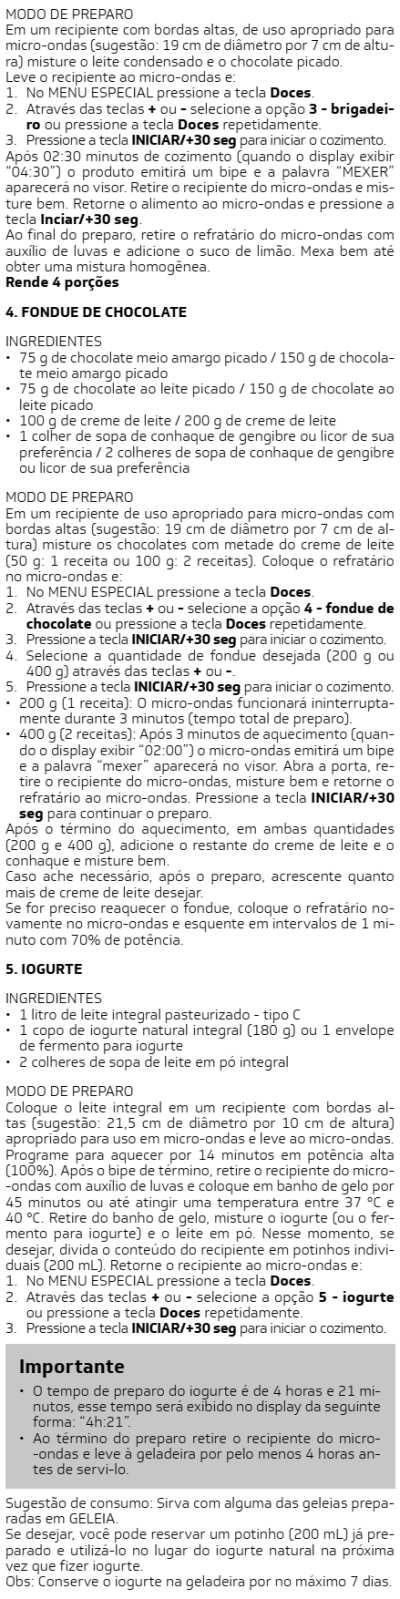 Microondas Brastemp - BMS20 -  receitas 3